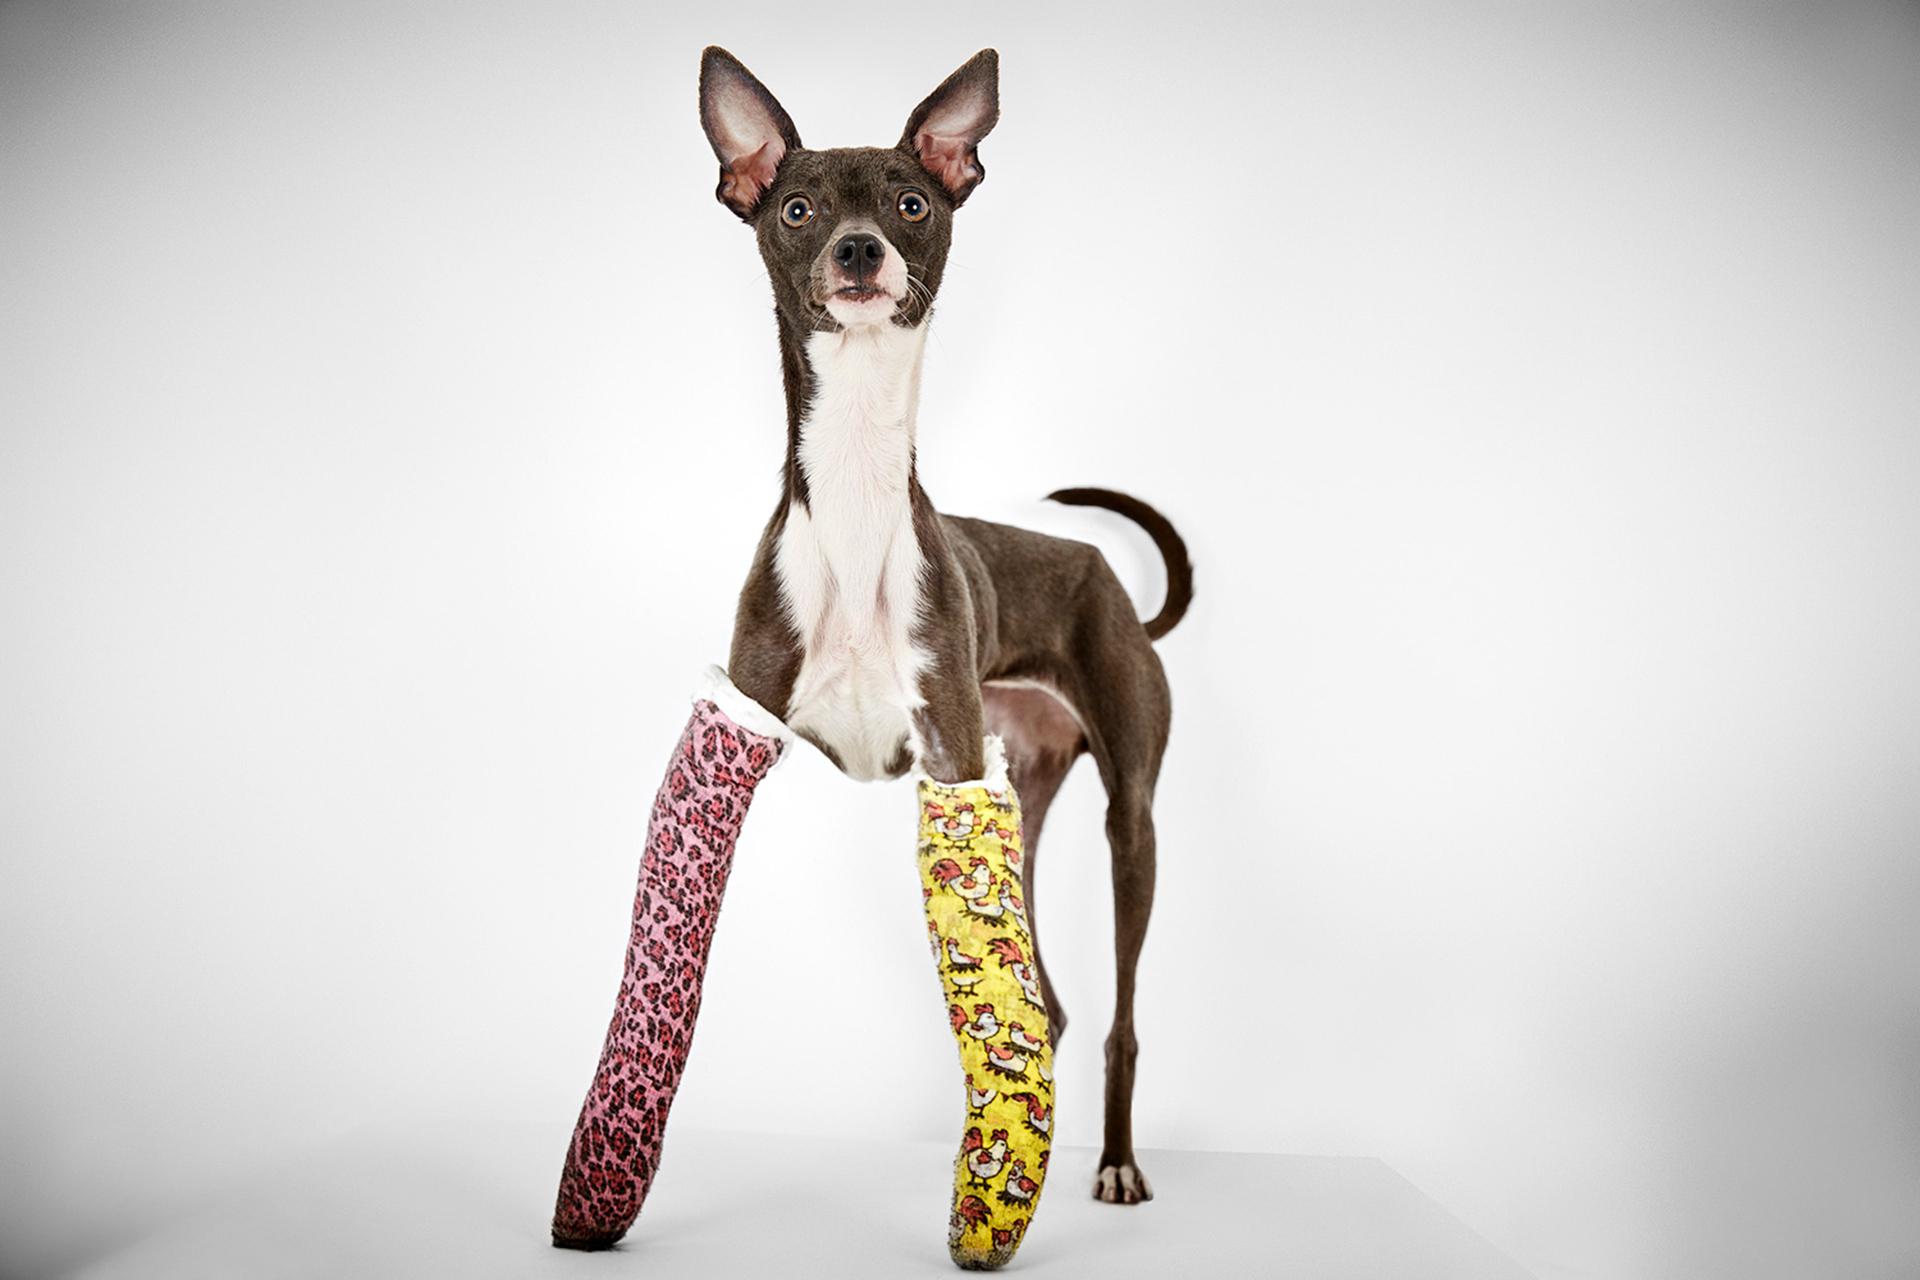 fotografias-perros-rescatados-bromasaparte-3